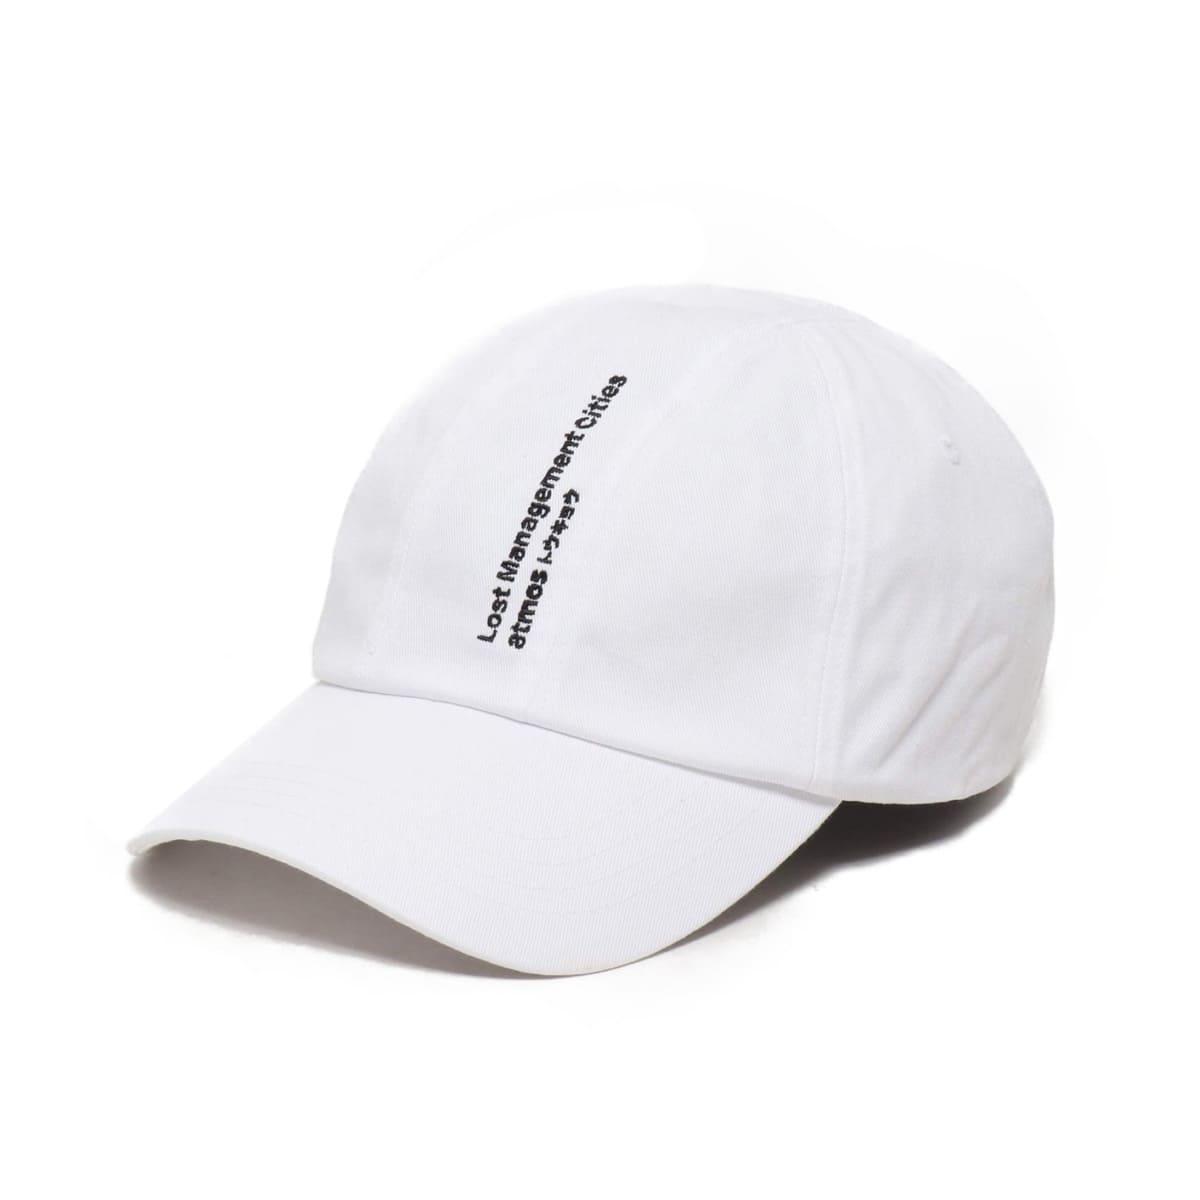 LMC x ATMOS FN 7 PANEL BALL CAP  WHITE 18FW-S_photo_large